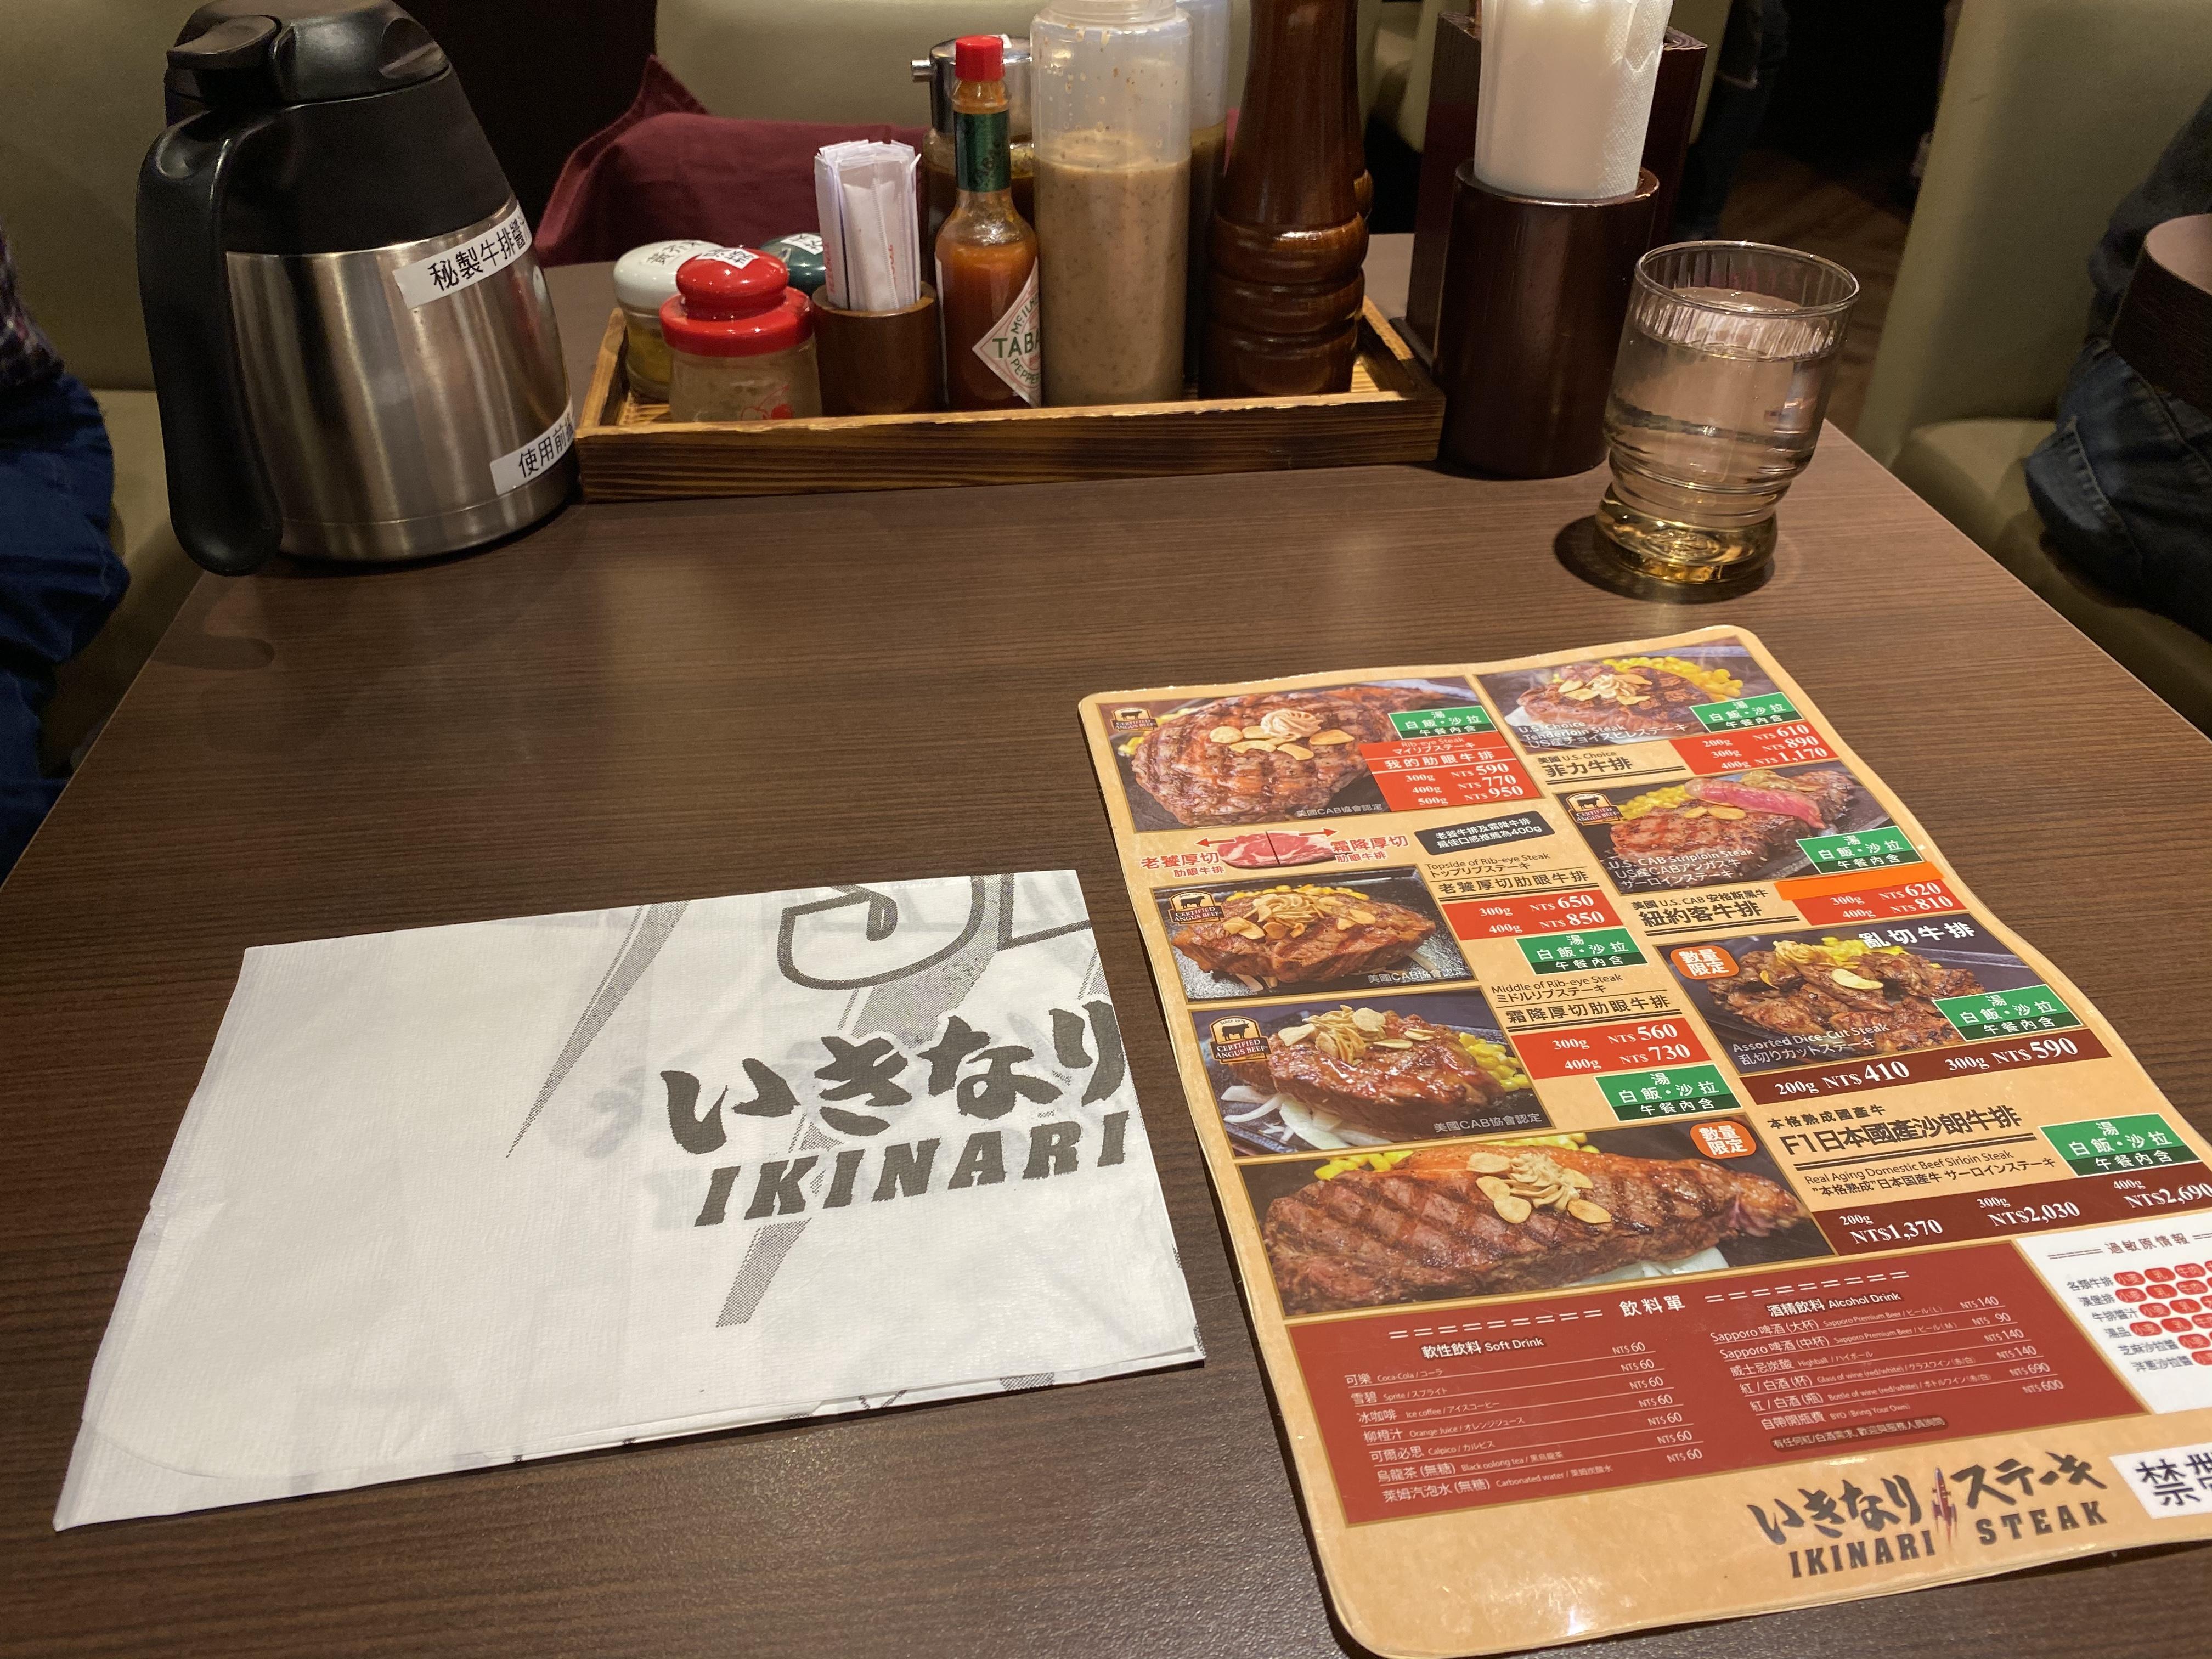 《美食紀錄》台北南港 – 「いきなりステーキ Ikinari steak」突然牛排台北店 @MY TRIP ‧ MY LIFE